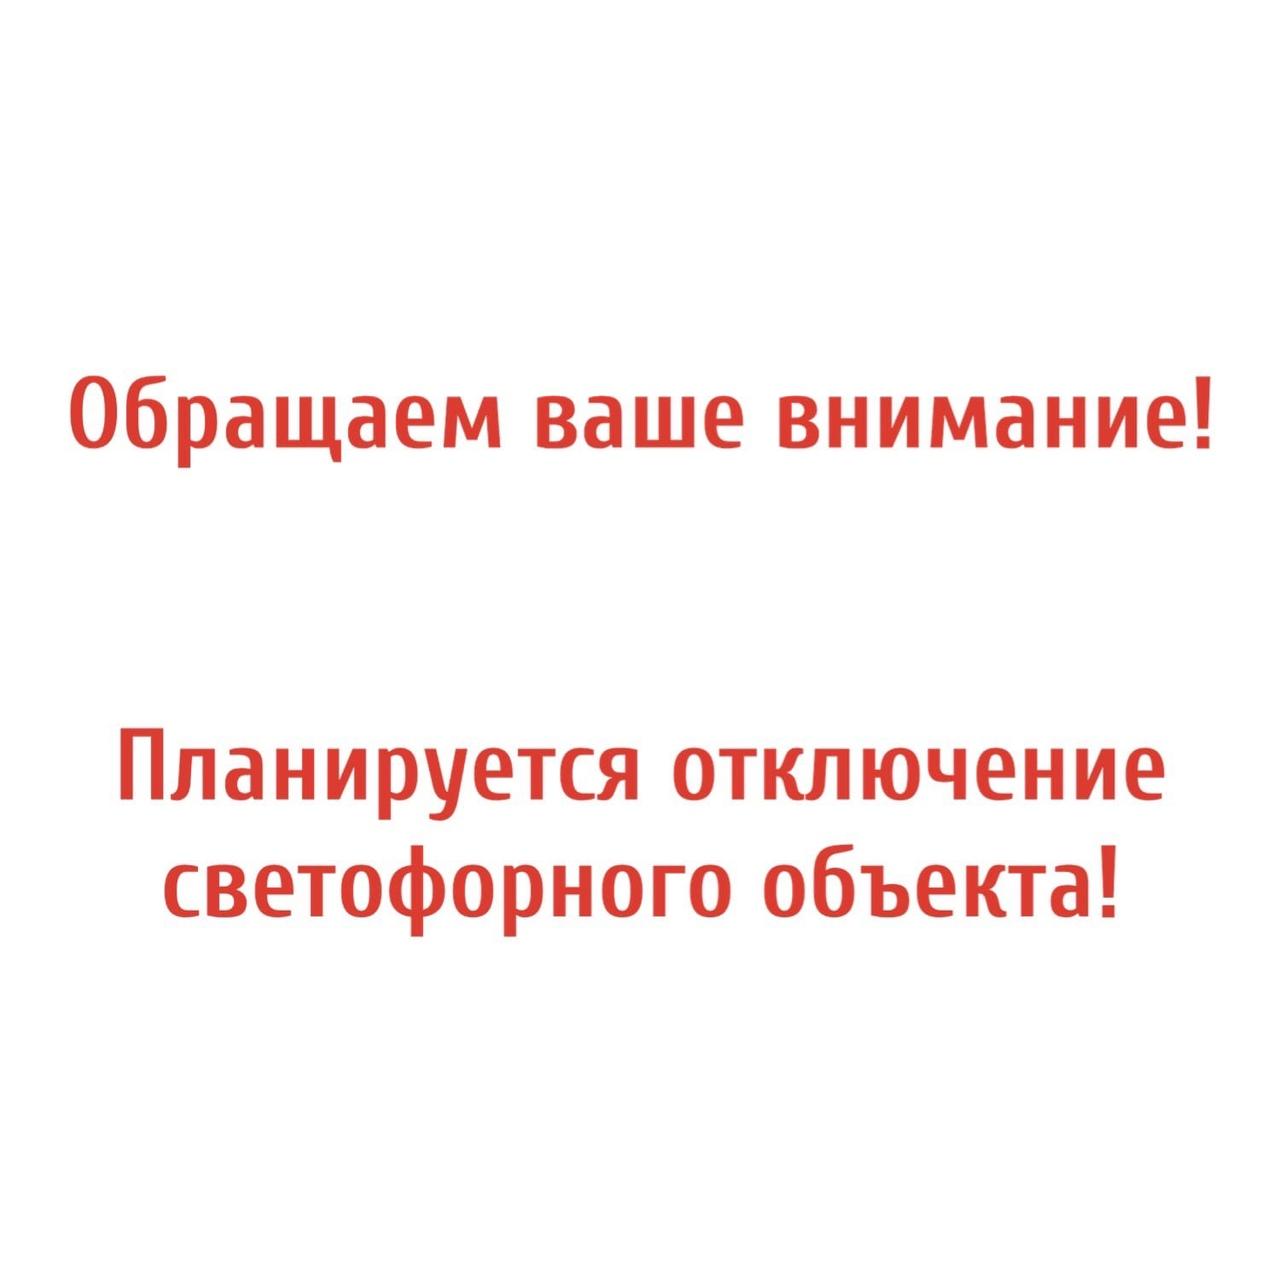 Внимание! В Таганроге 13 и 14 мая будет отключен светофор на улице Театральной